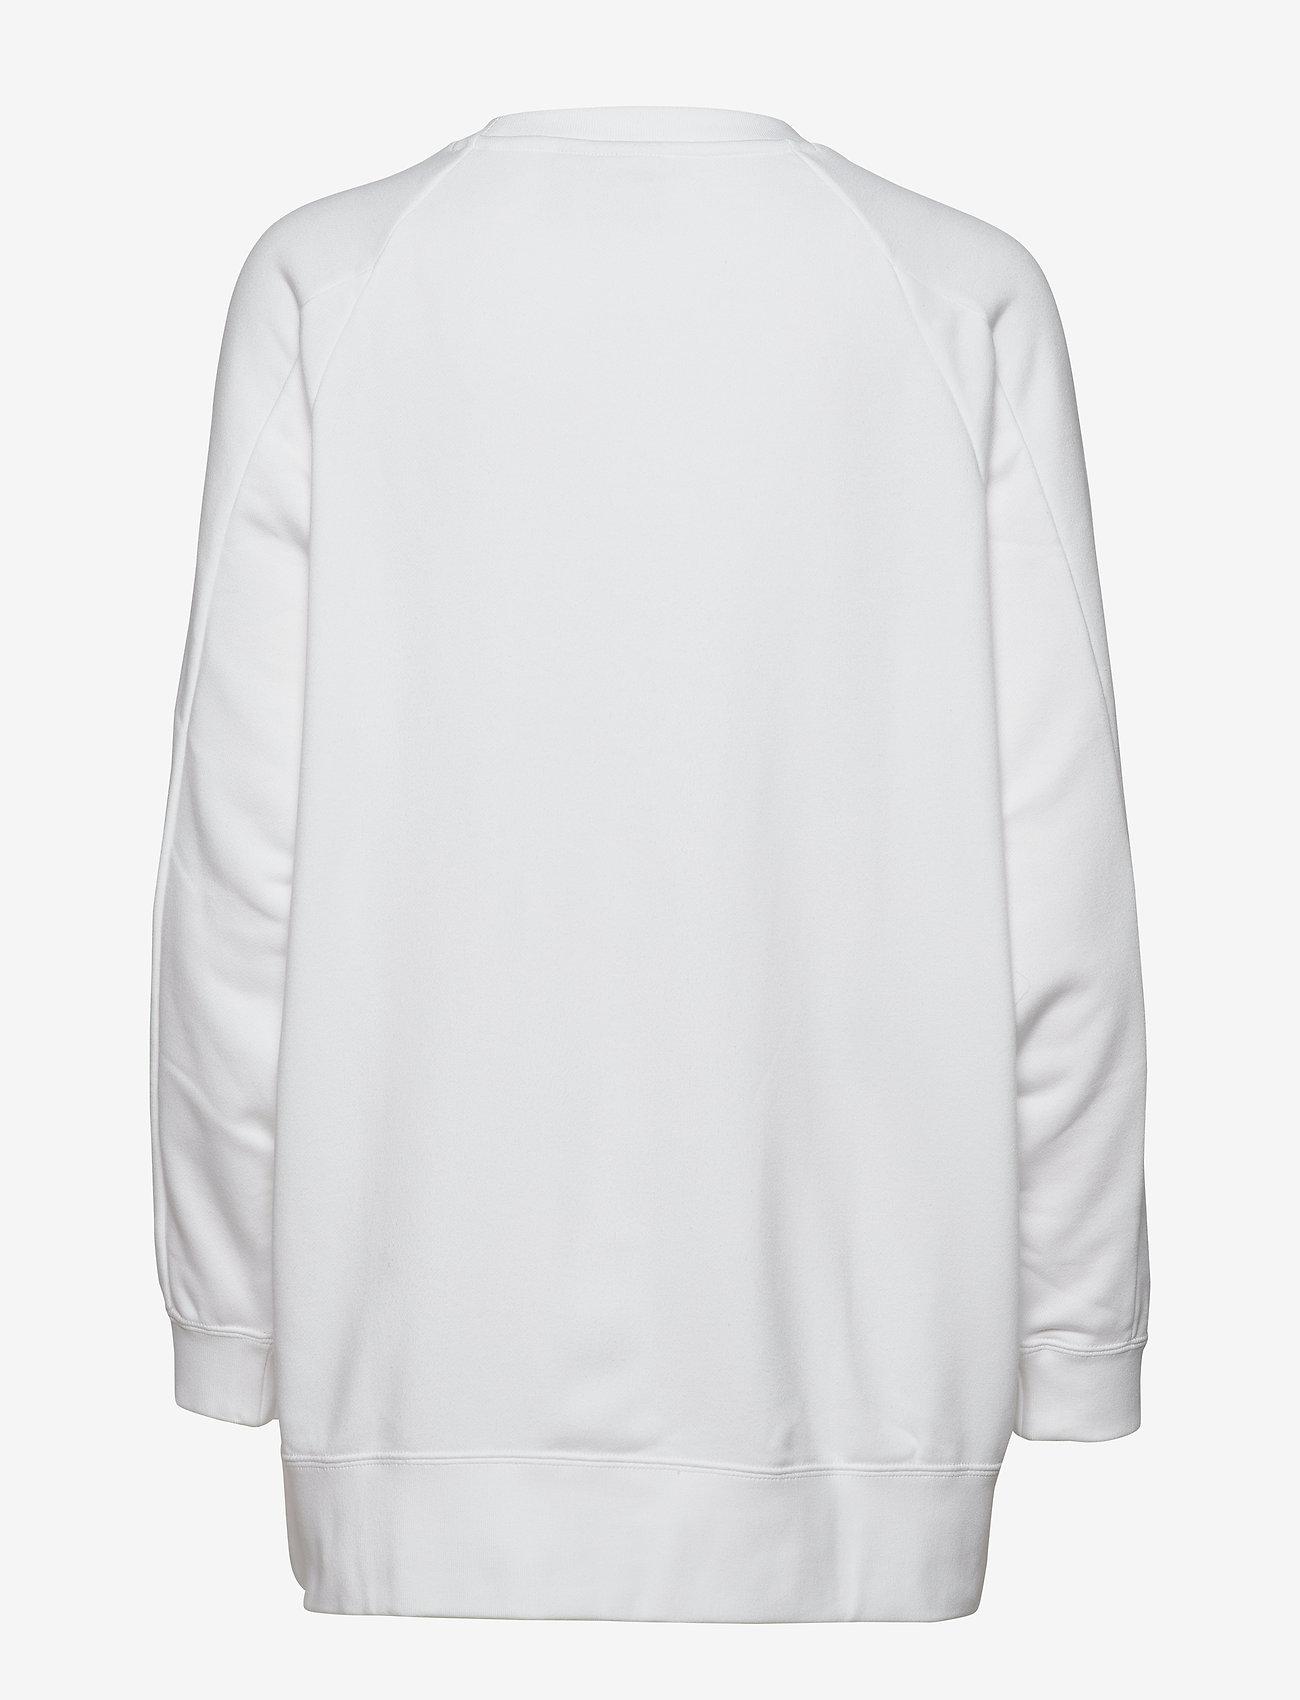 adidas Originals - GRAPHIC SWEATER - svetarit - white - 1